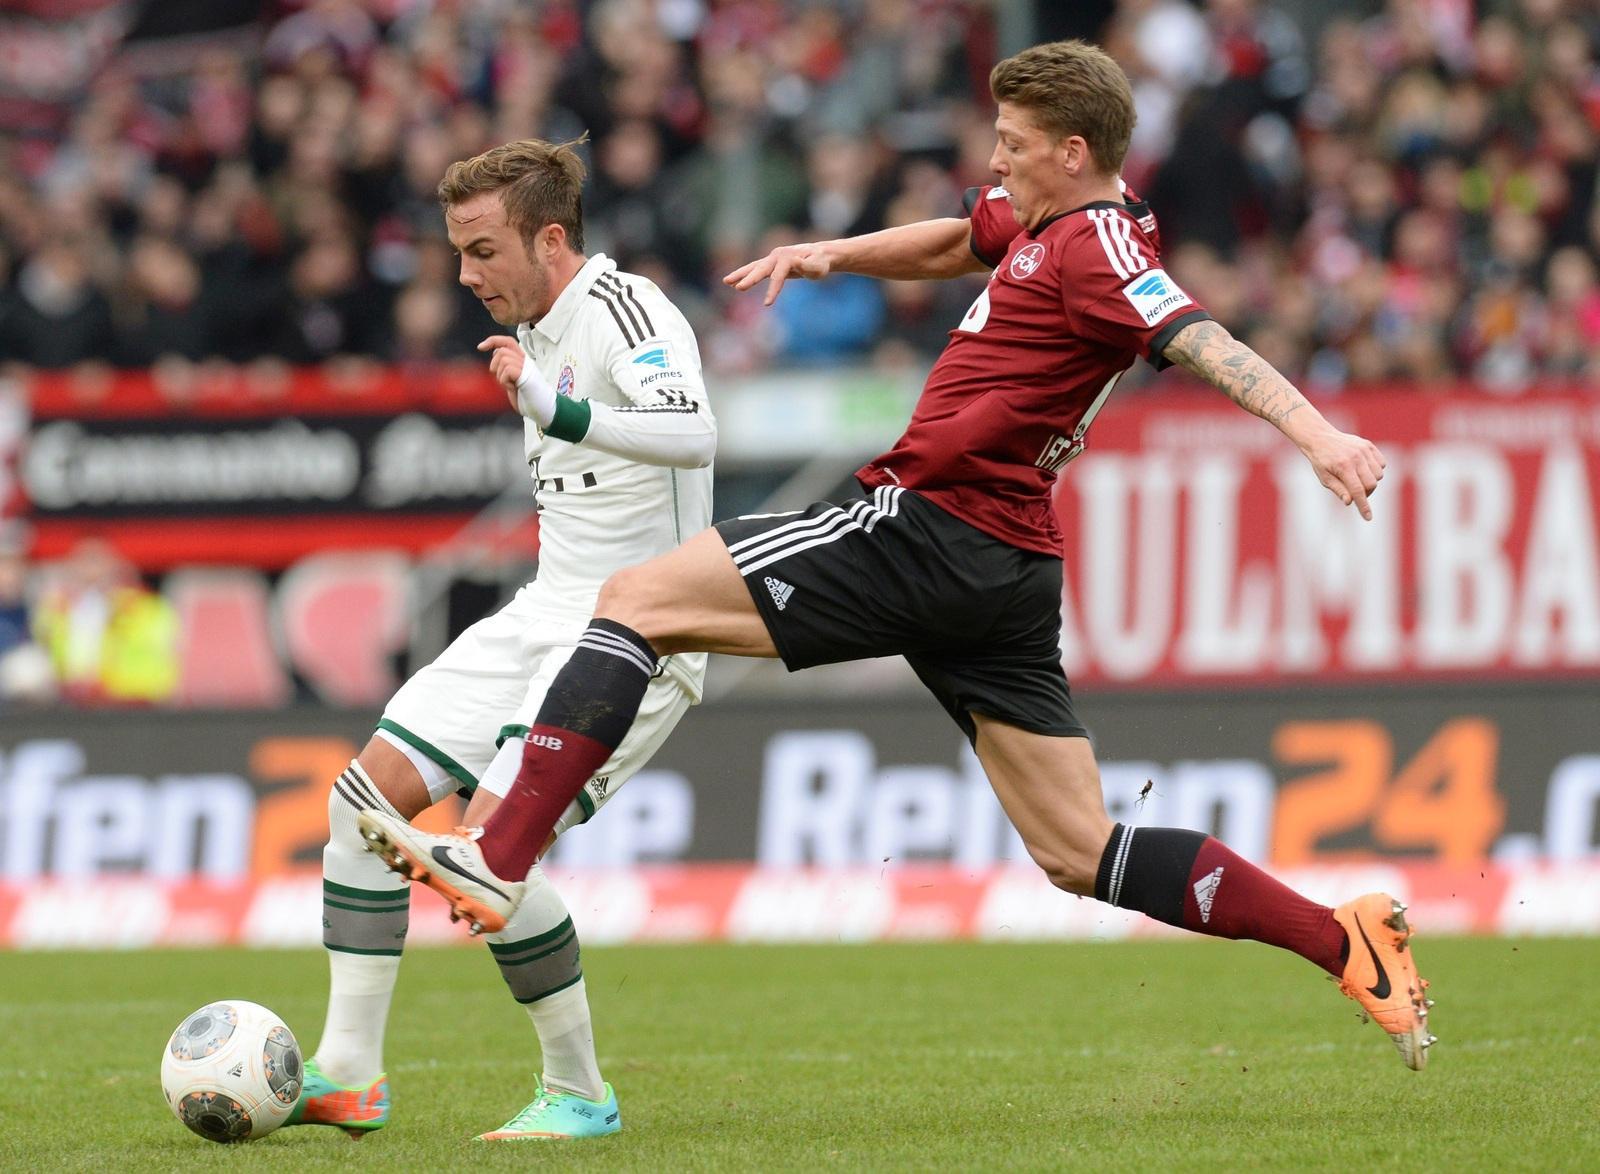 83442fb1809 Spielbericht  FC Bayern beim 1. FC Nürnberg Bundesliga 20. Spieltag ...